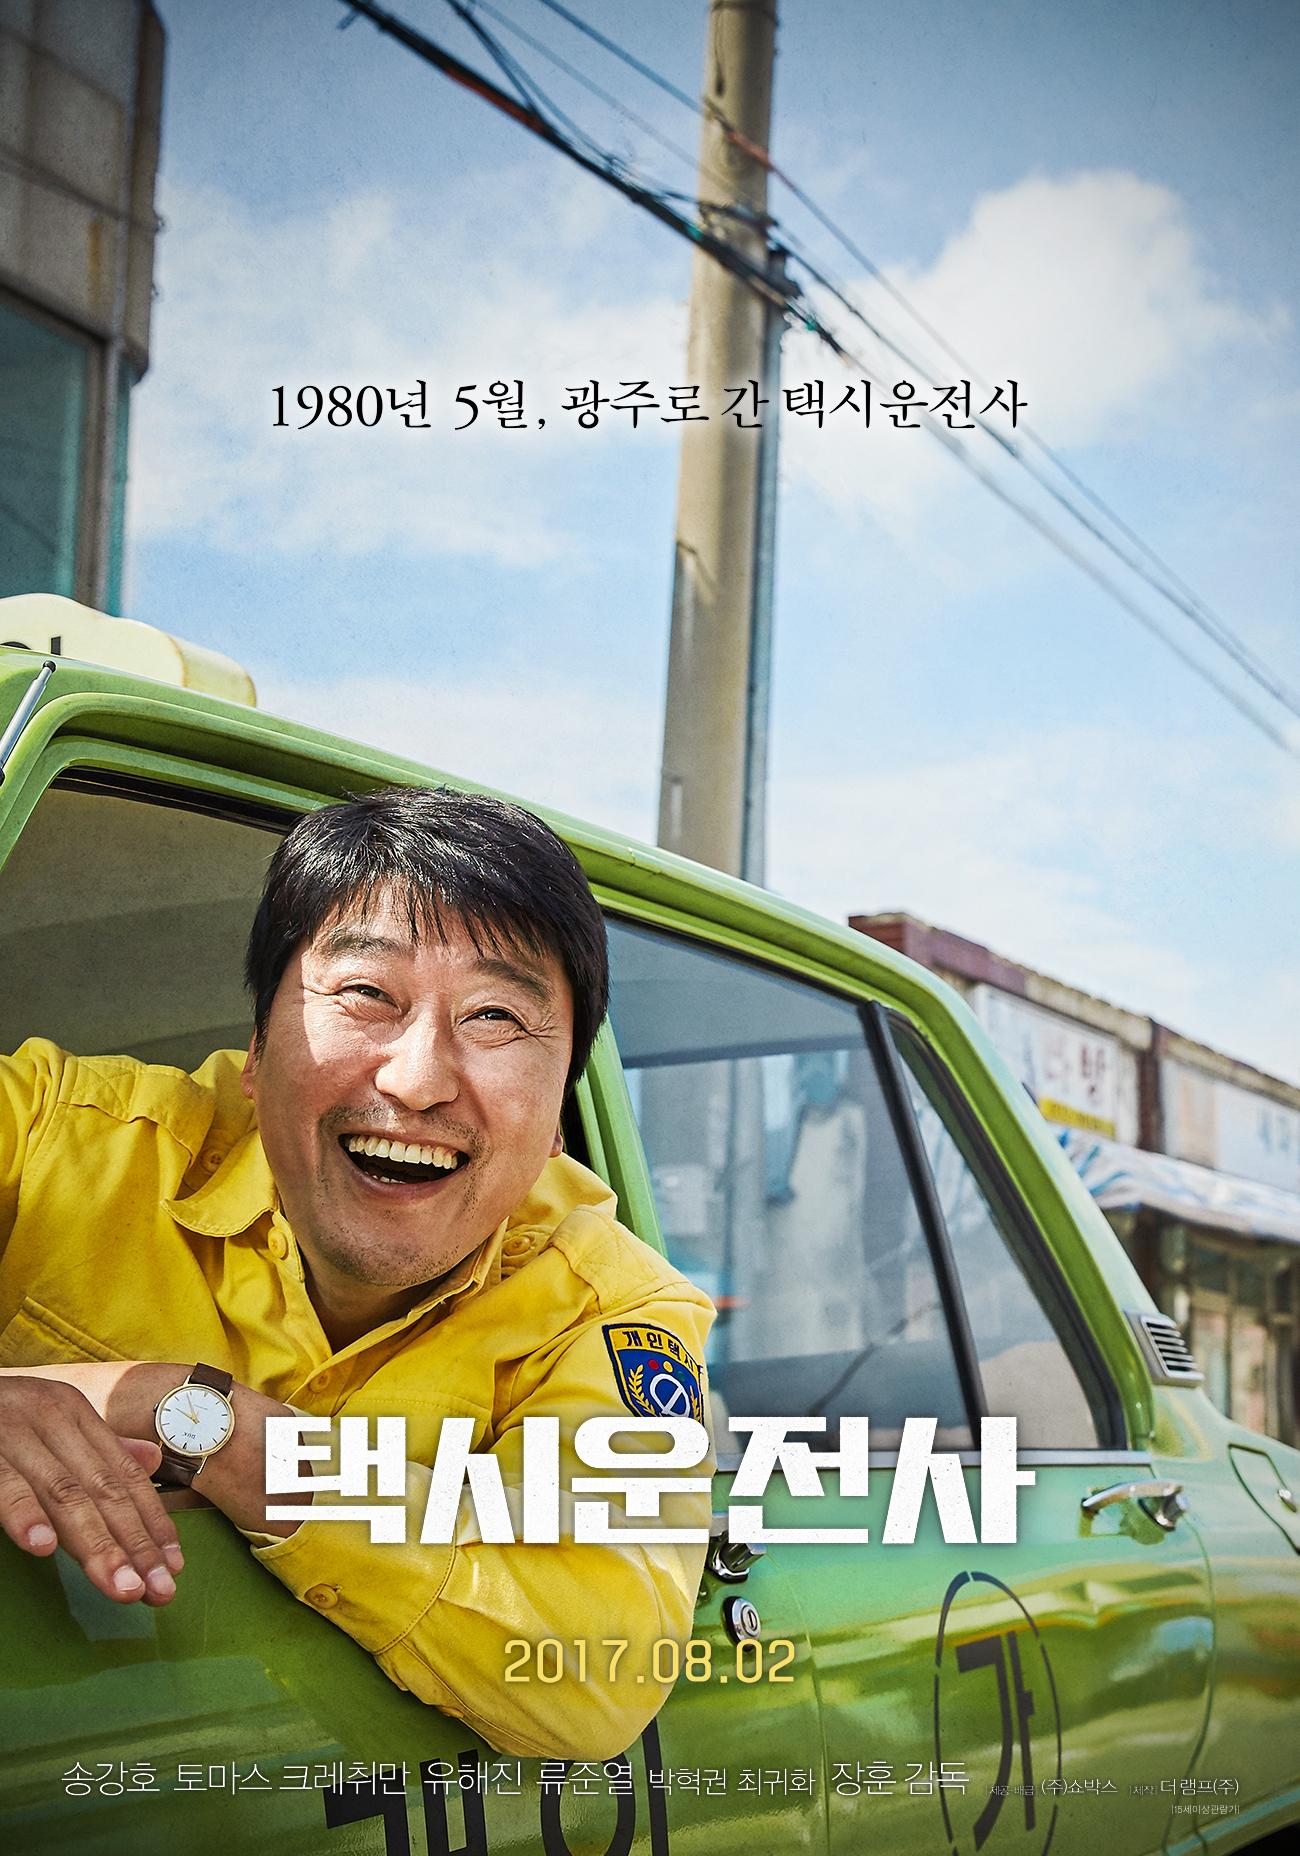 Phim Hàn ăn khách nhất 2017 với 12 triệu vé: Có xứng đáng với lời ca ngợi? - Ảnh 1.